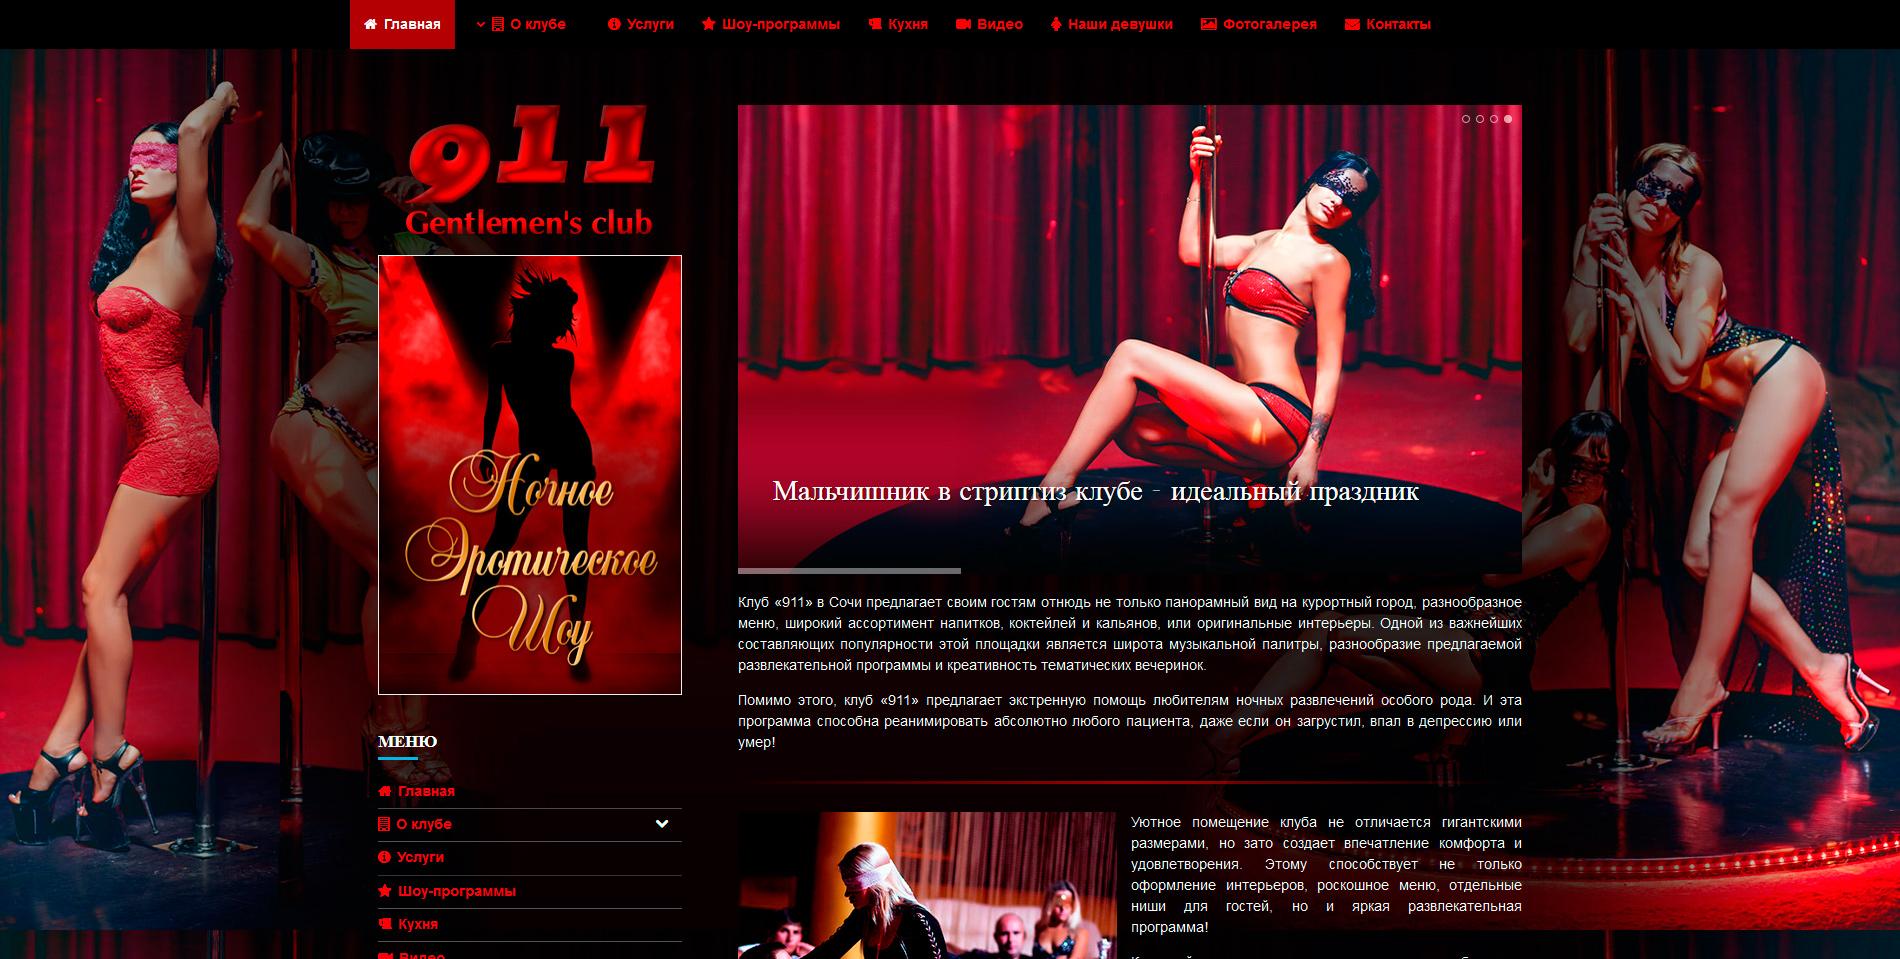 Сайт Клуба